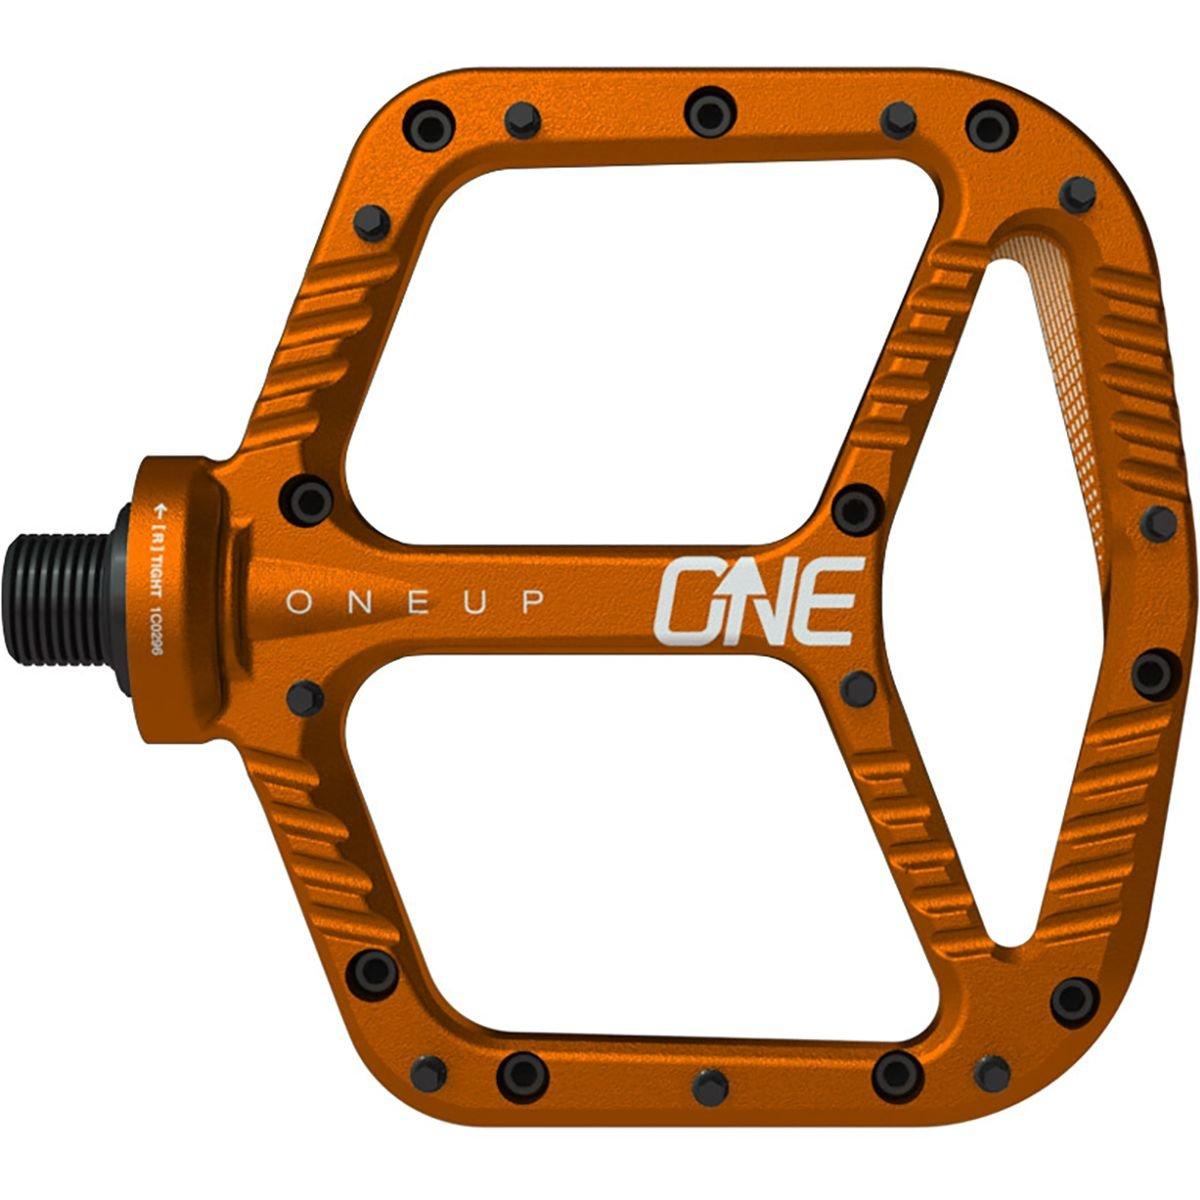 OneUpコンポーネントアルミニウムペダル B07CBC7PMVオレンジ One Size